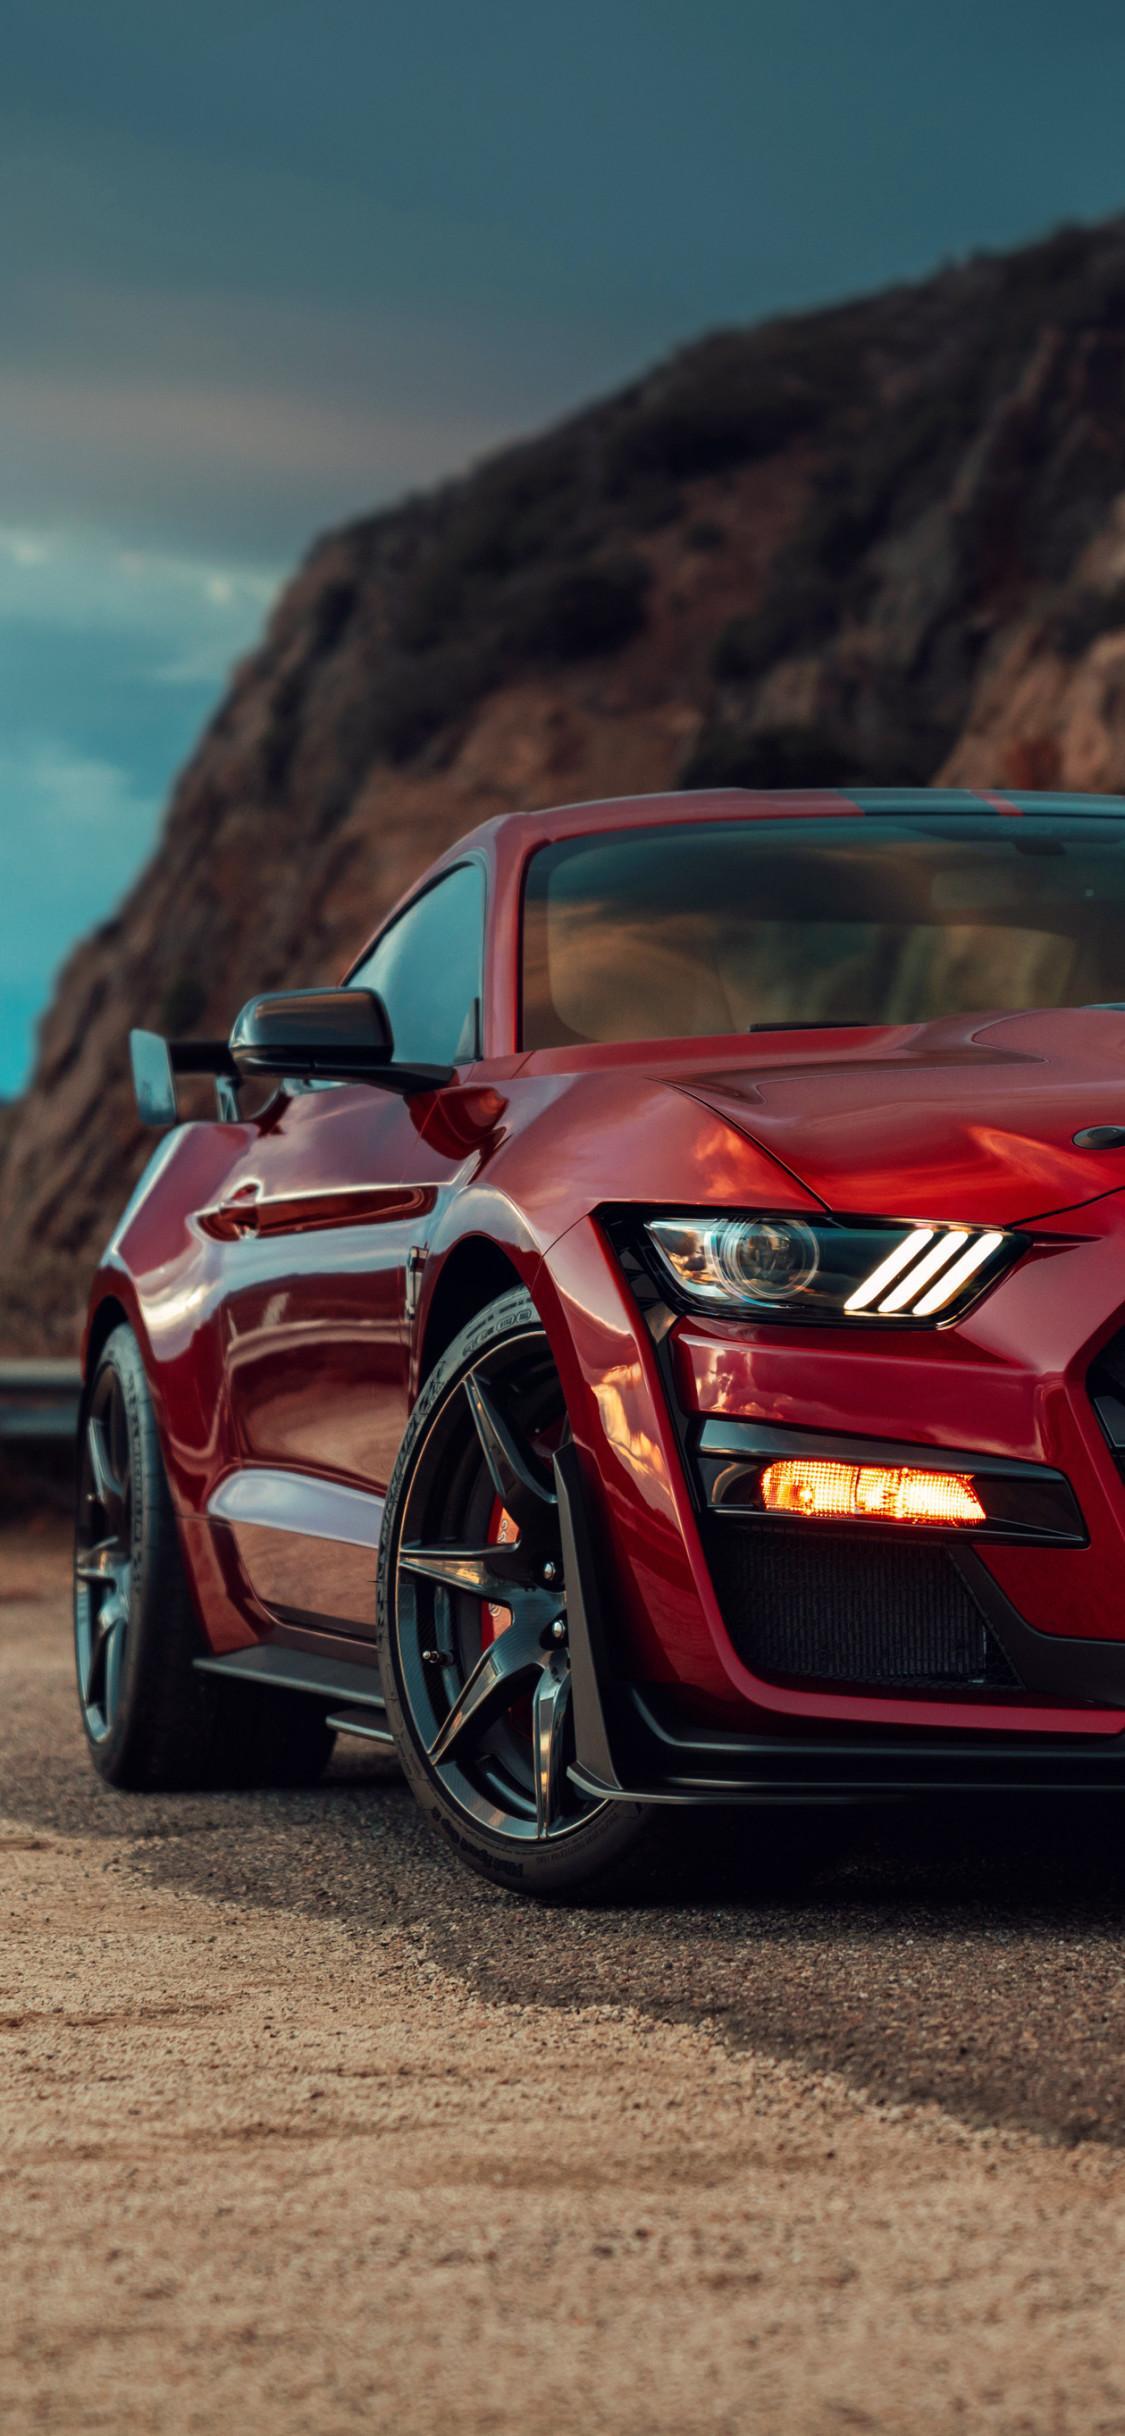 Mustang Car 4k Iphone 2020 Wallpapers Wallpaper Cave